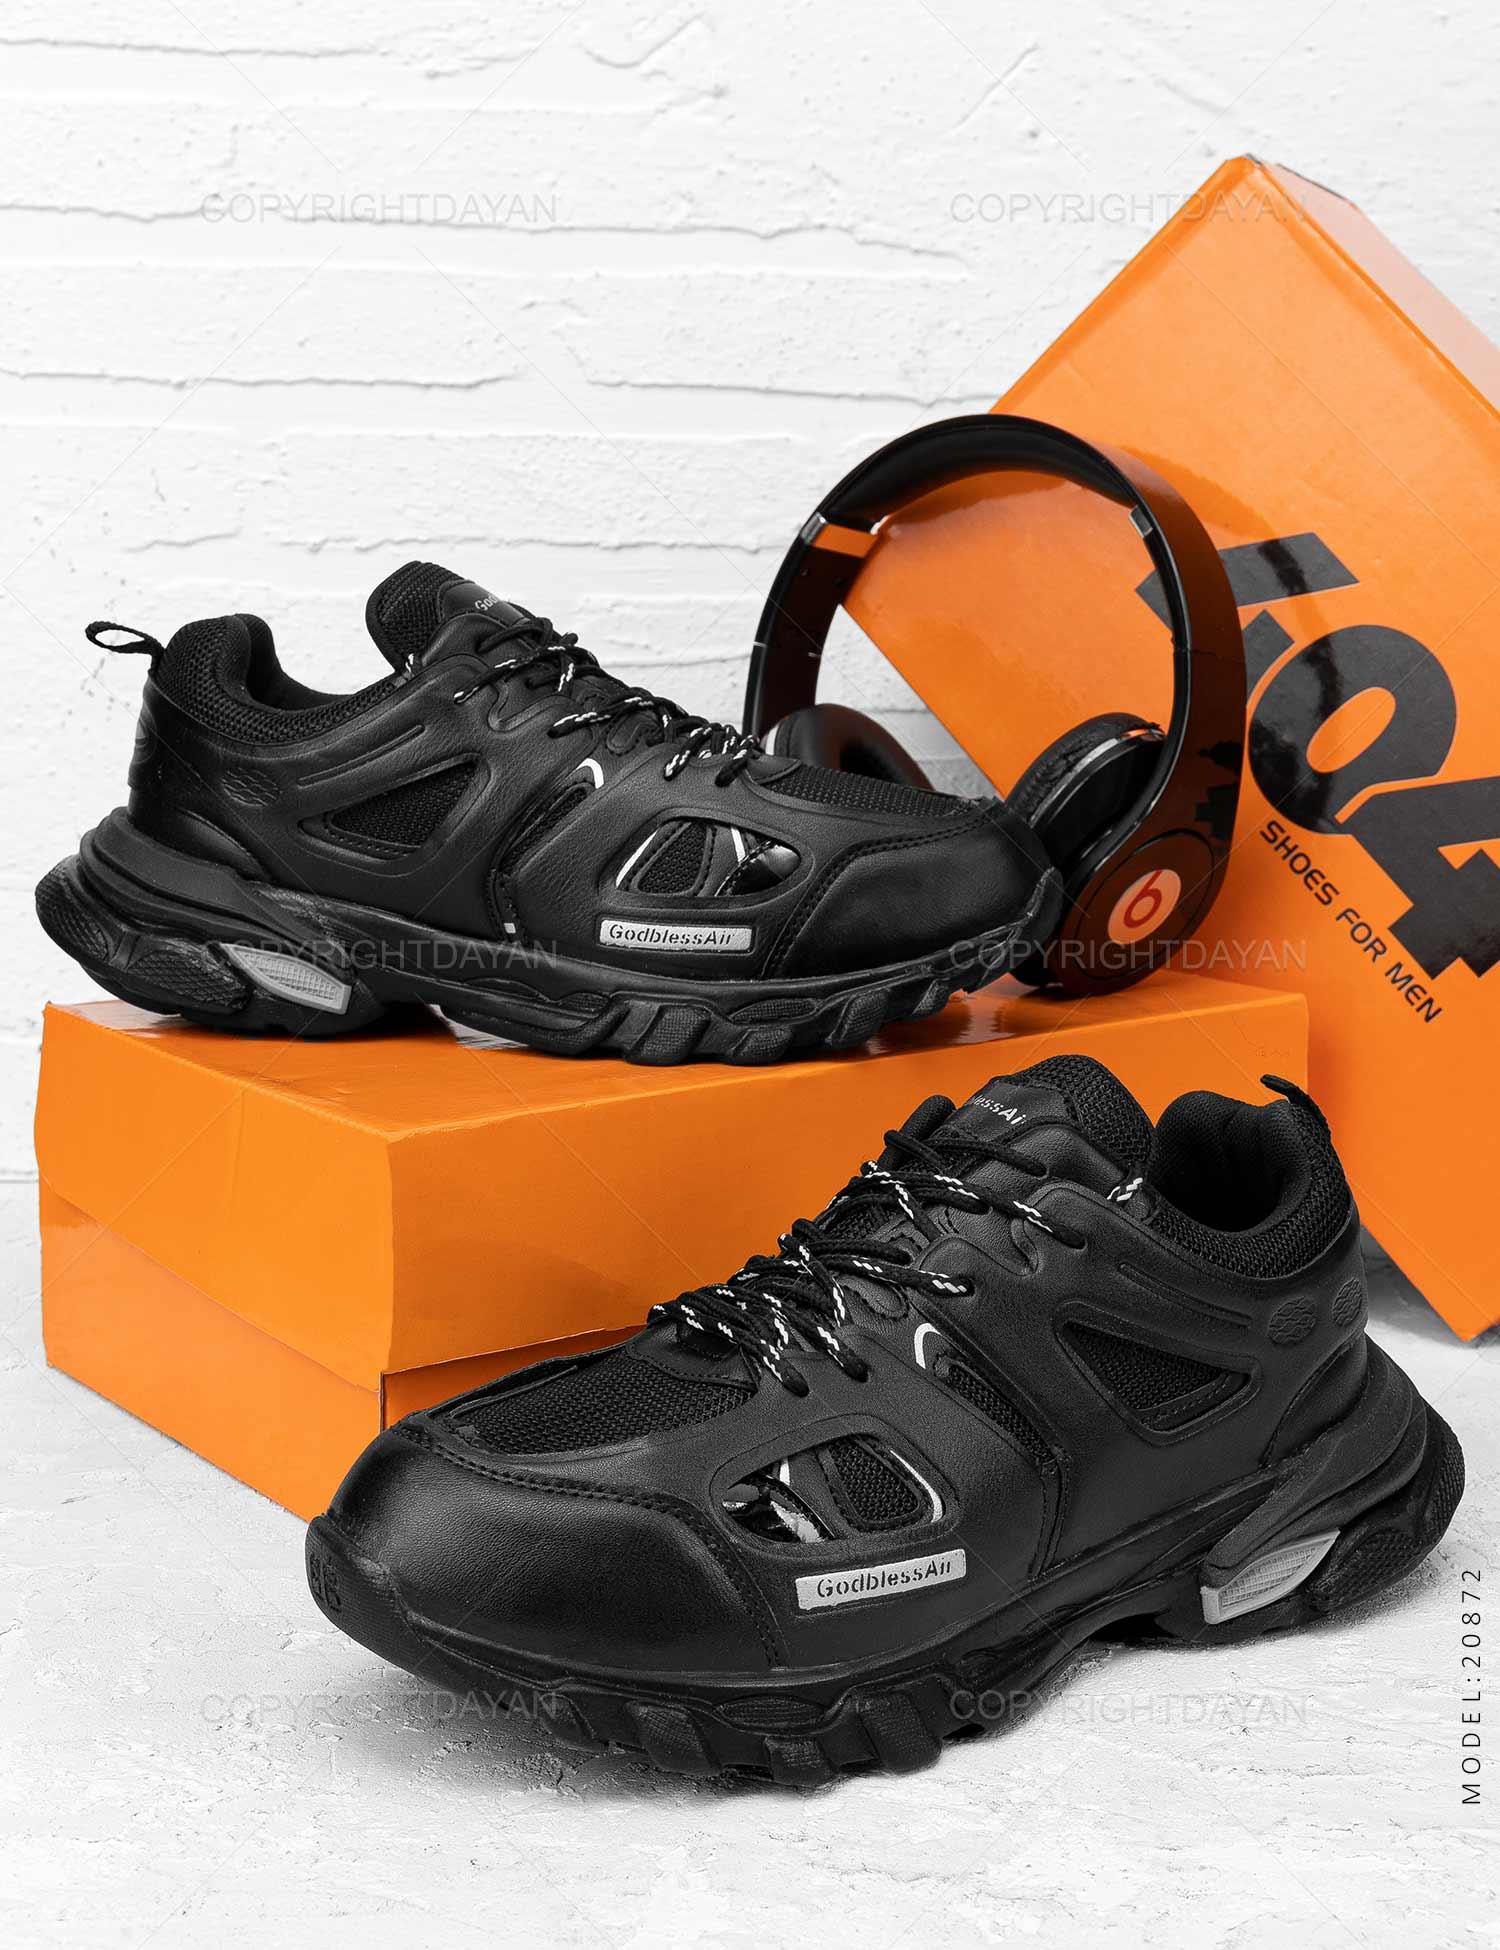 کفش مردانه Nika مدل 20872